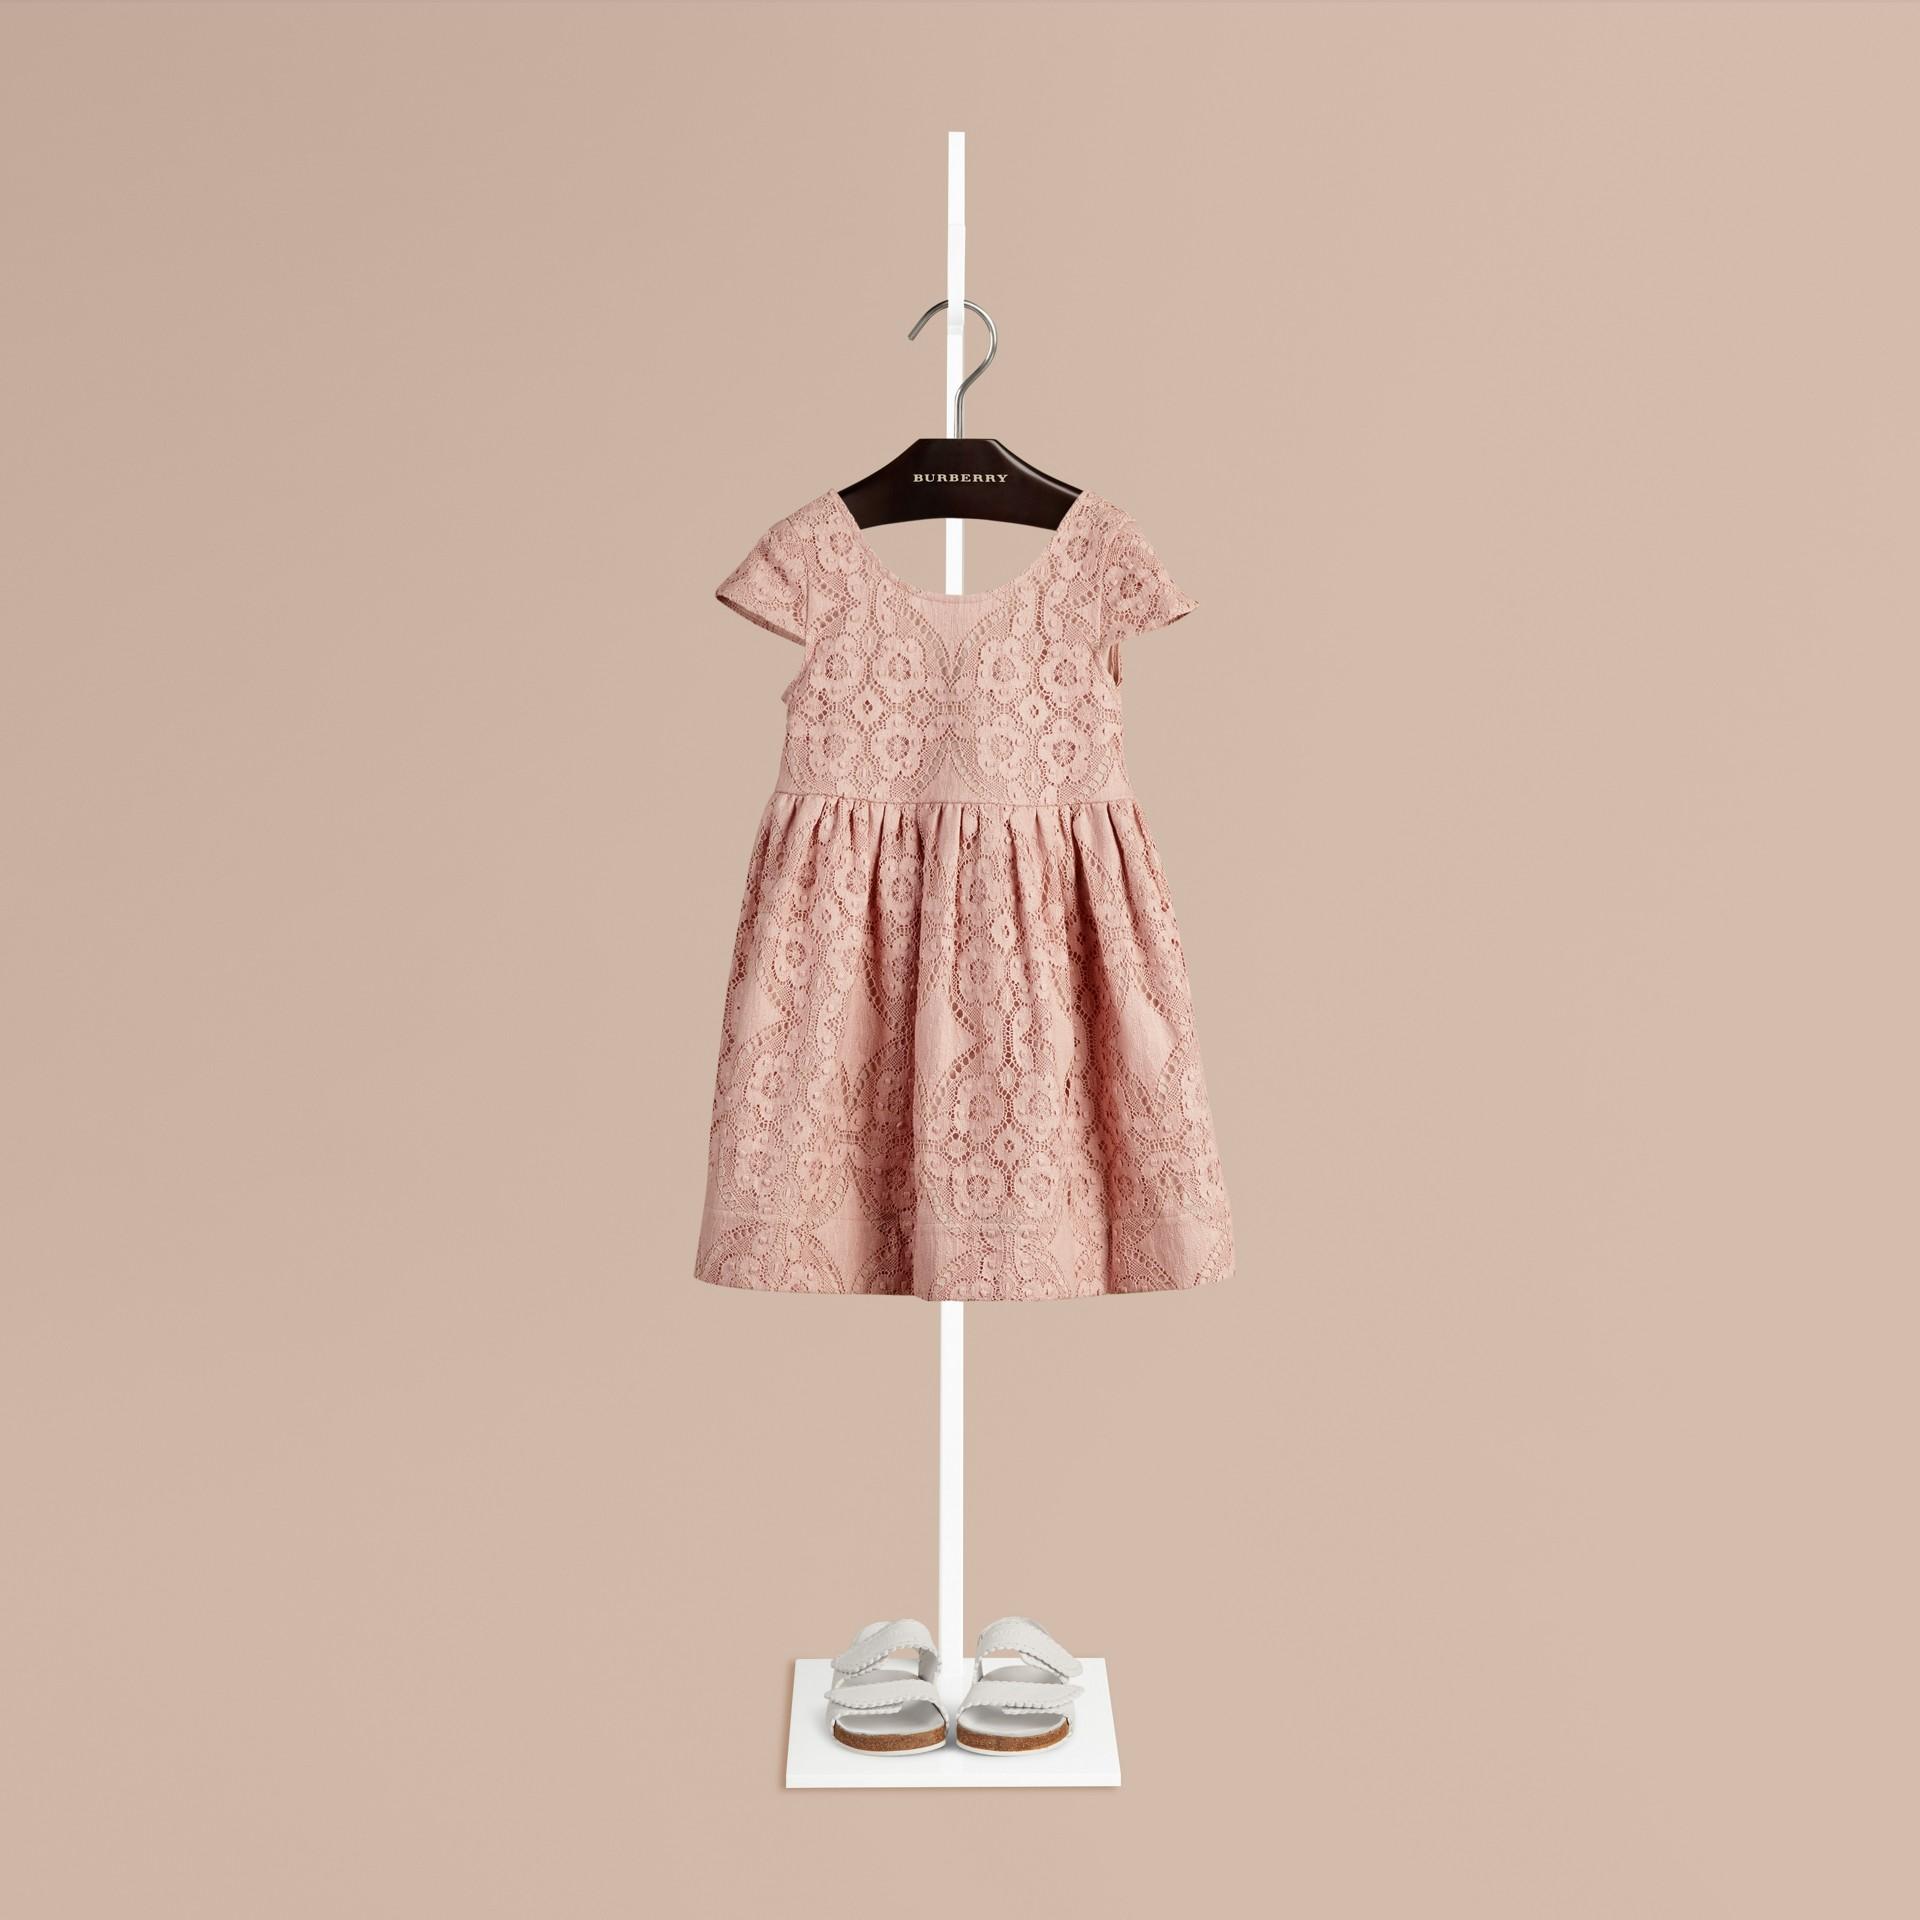 Distelfarben-rosa Kleid aus englischer Spitze mit Flügelärmeln Distelfarben-rosa - Galerie-Bild 1